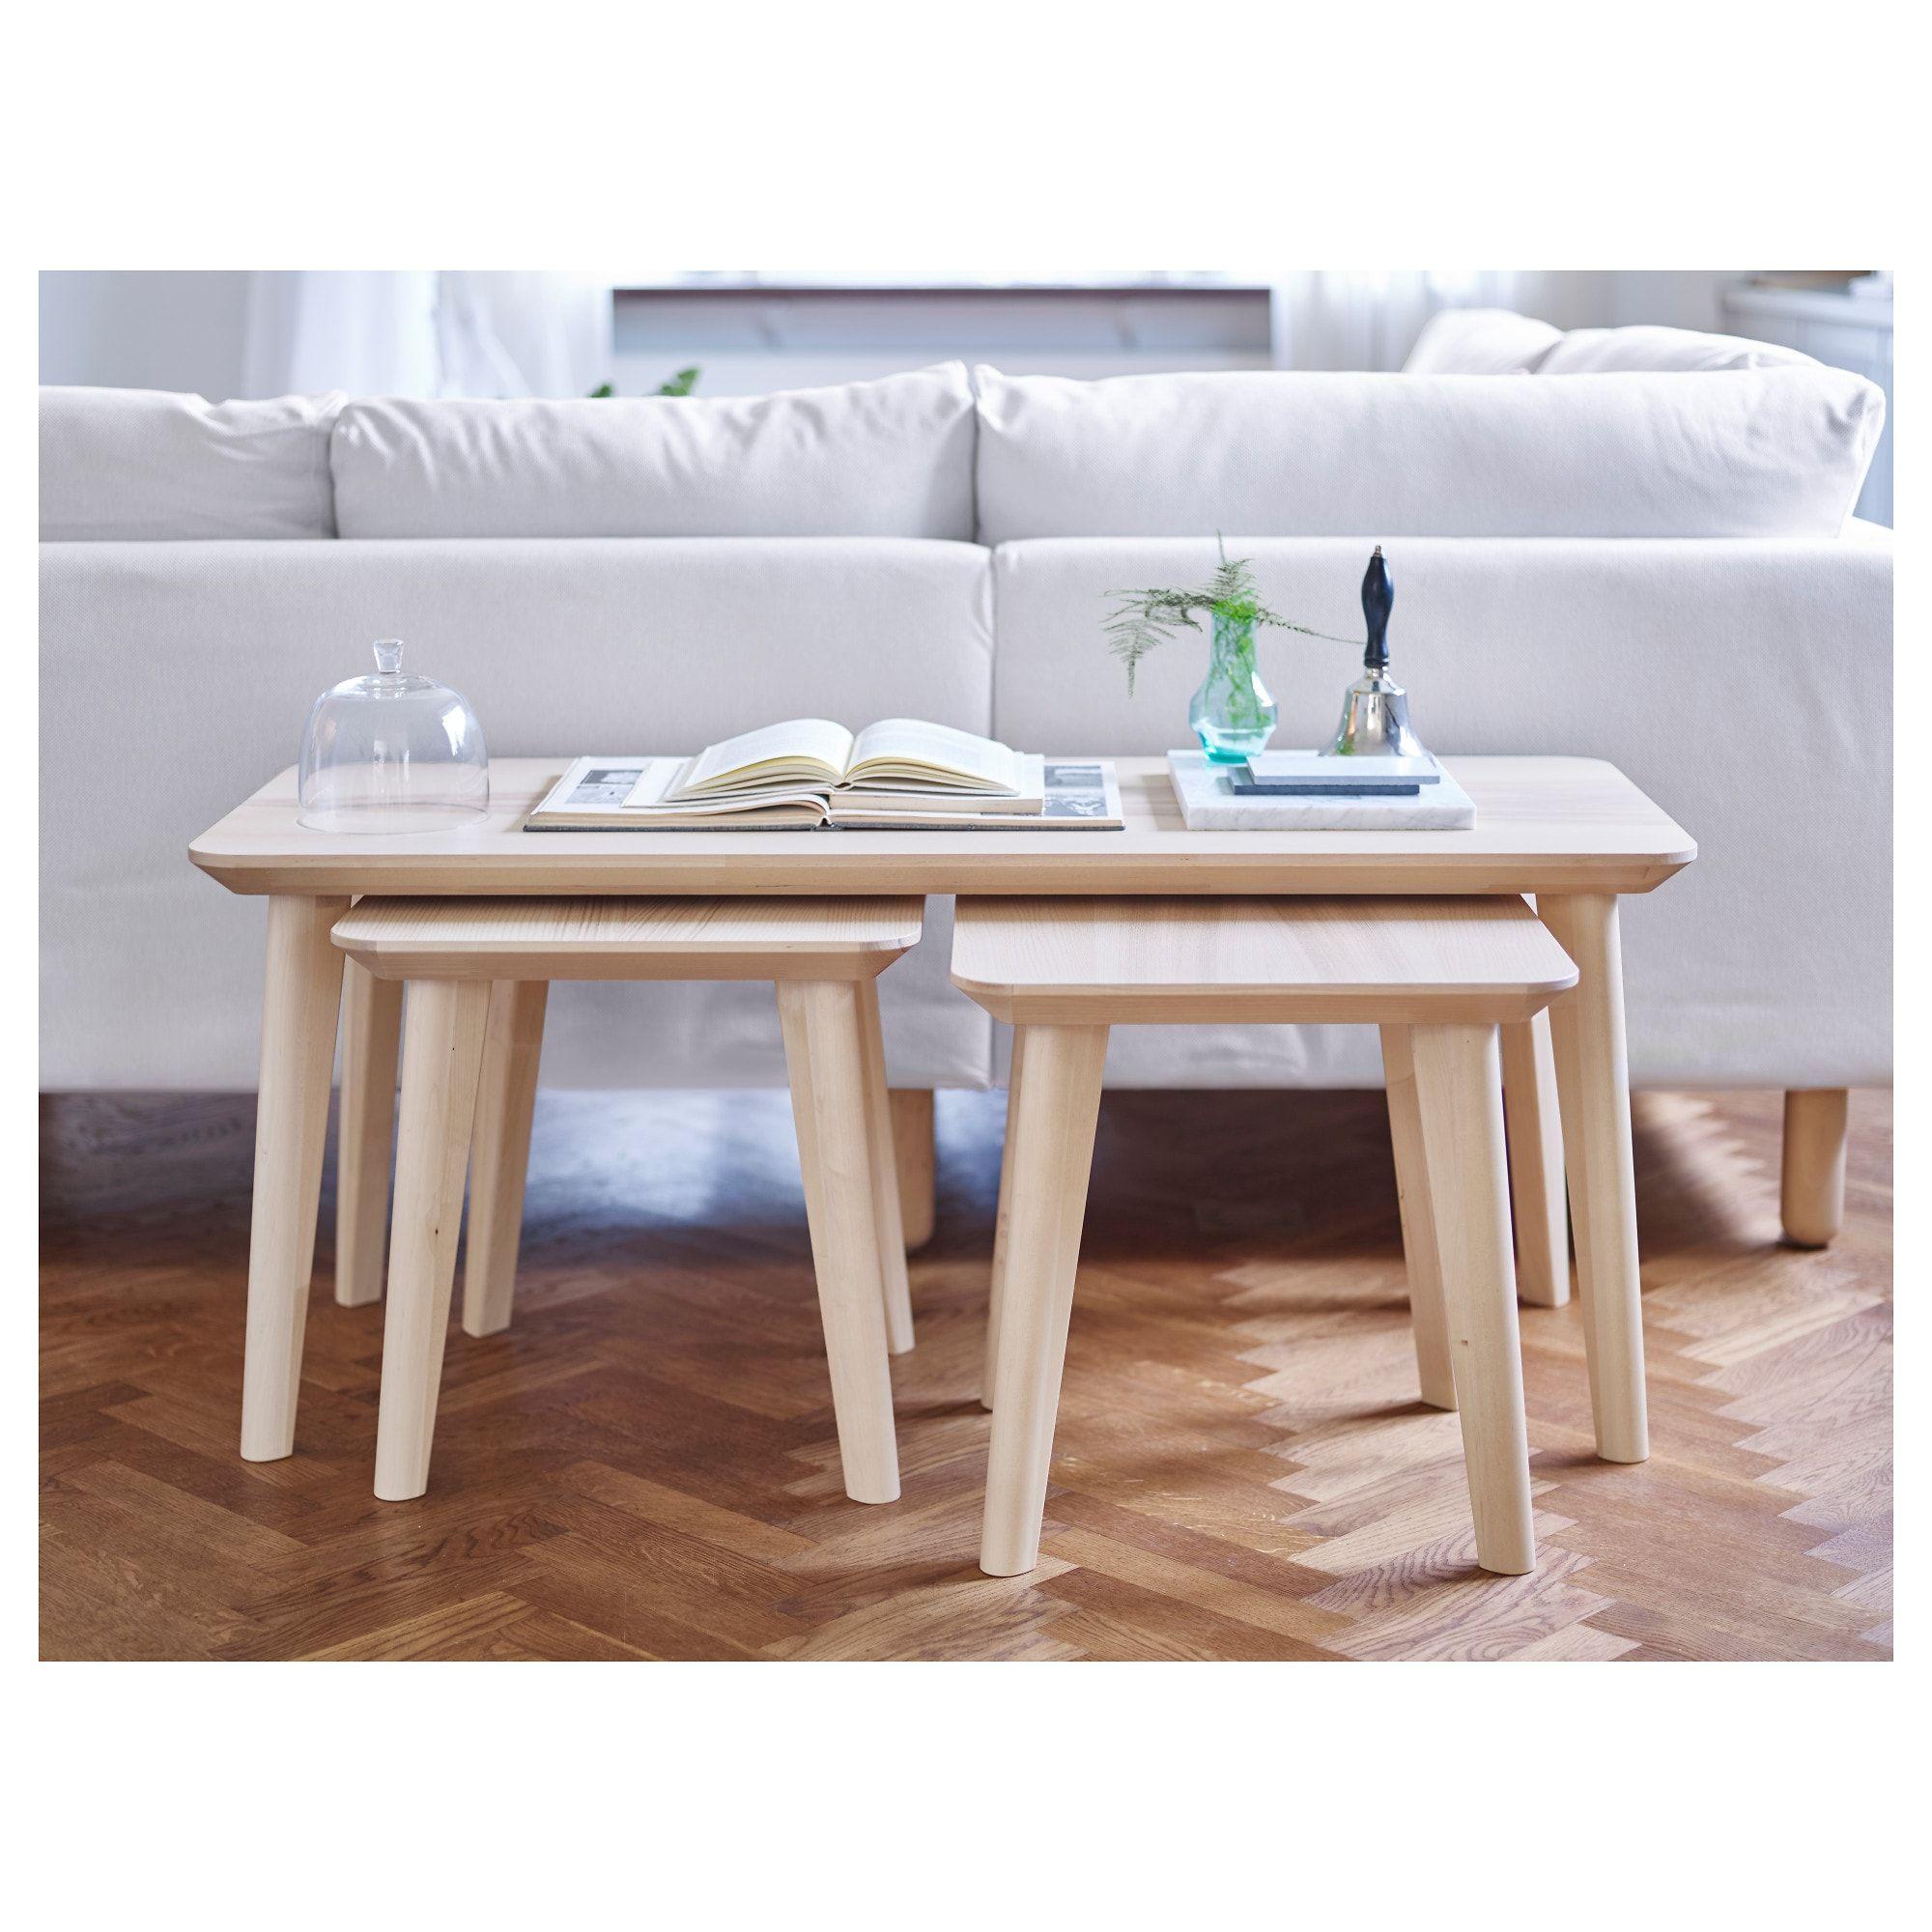 Lisabo Coffee Table Ash Veneer 46 1 2x19 5 8 Ikea In 2021 Coffee Table Convertible Coffee Table Ikea [ 2000 x 2000 Pixel ]